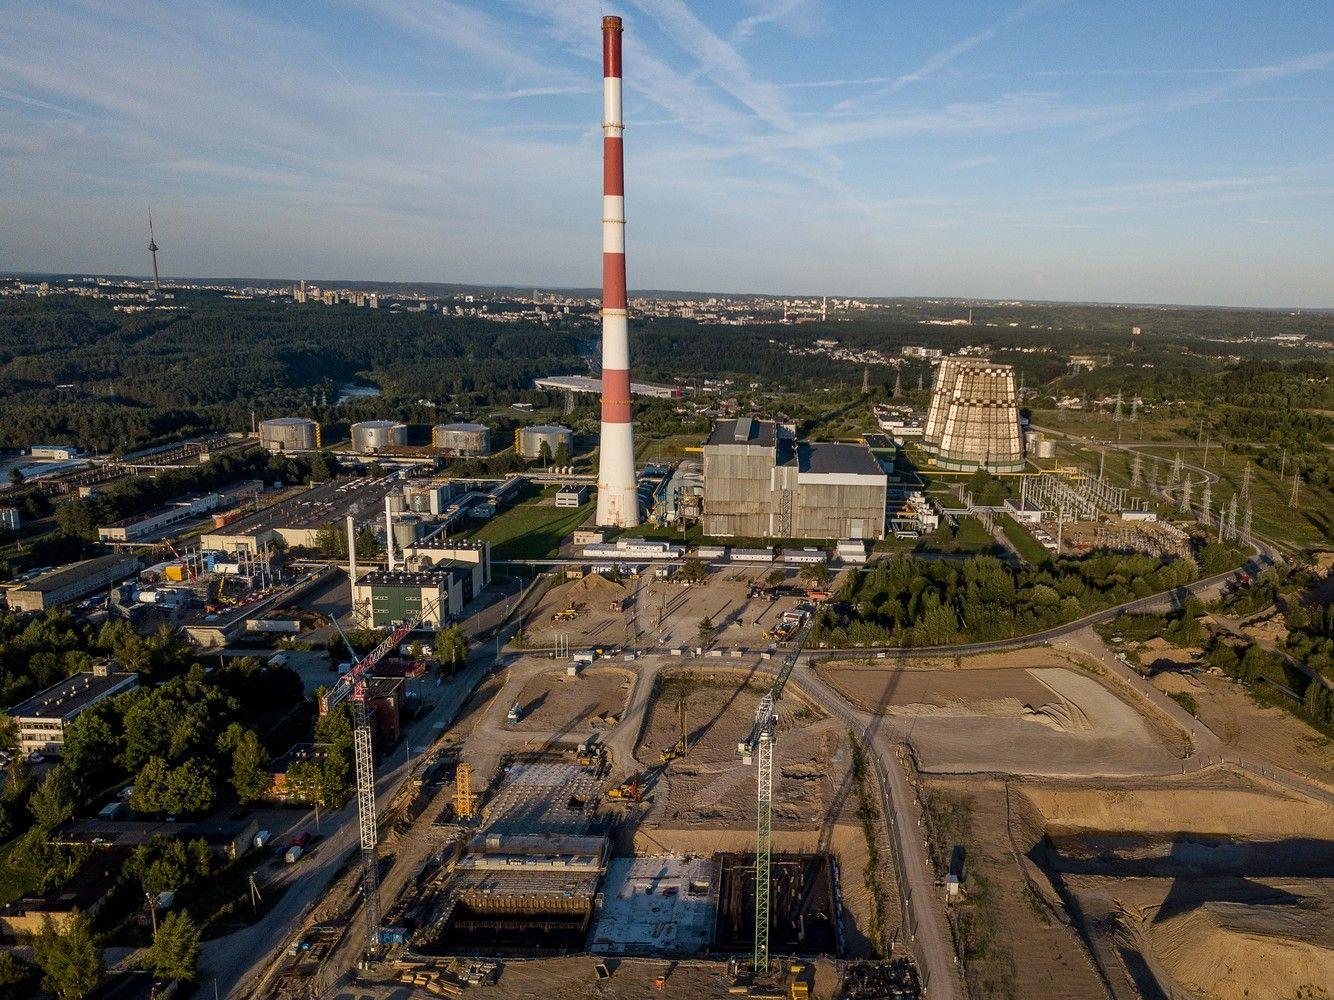 Vilniaus kogeneracinė jėgainė šiemet planuoja pasamdyti 70 darbuotojų